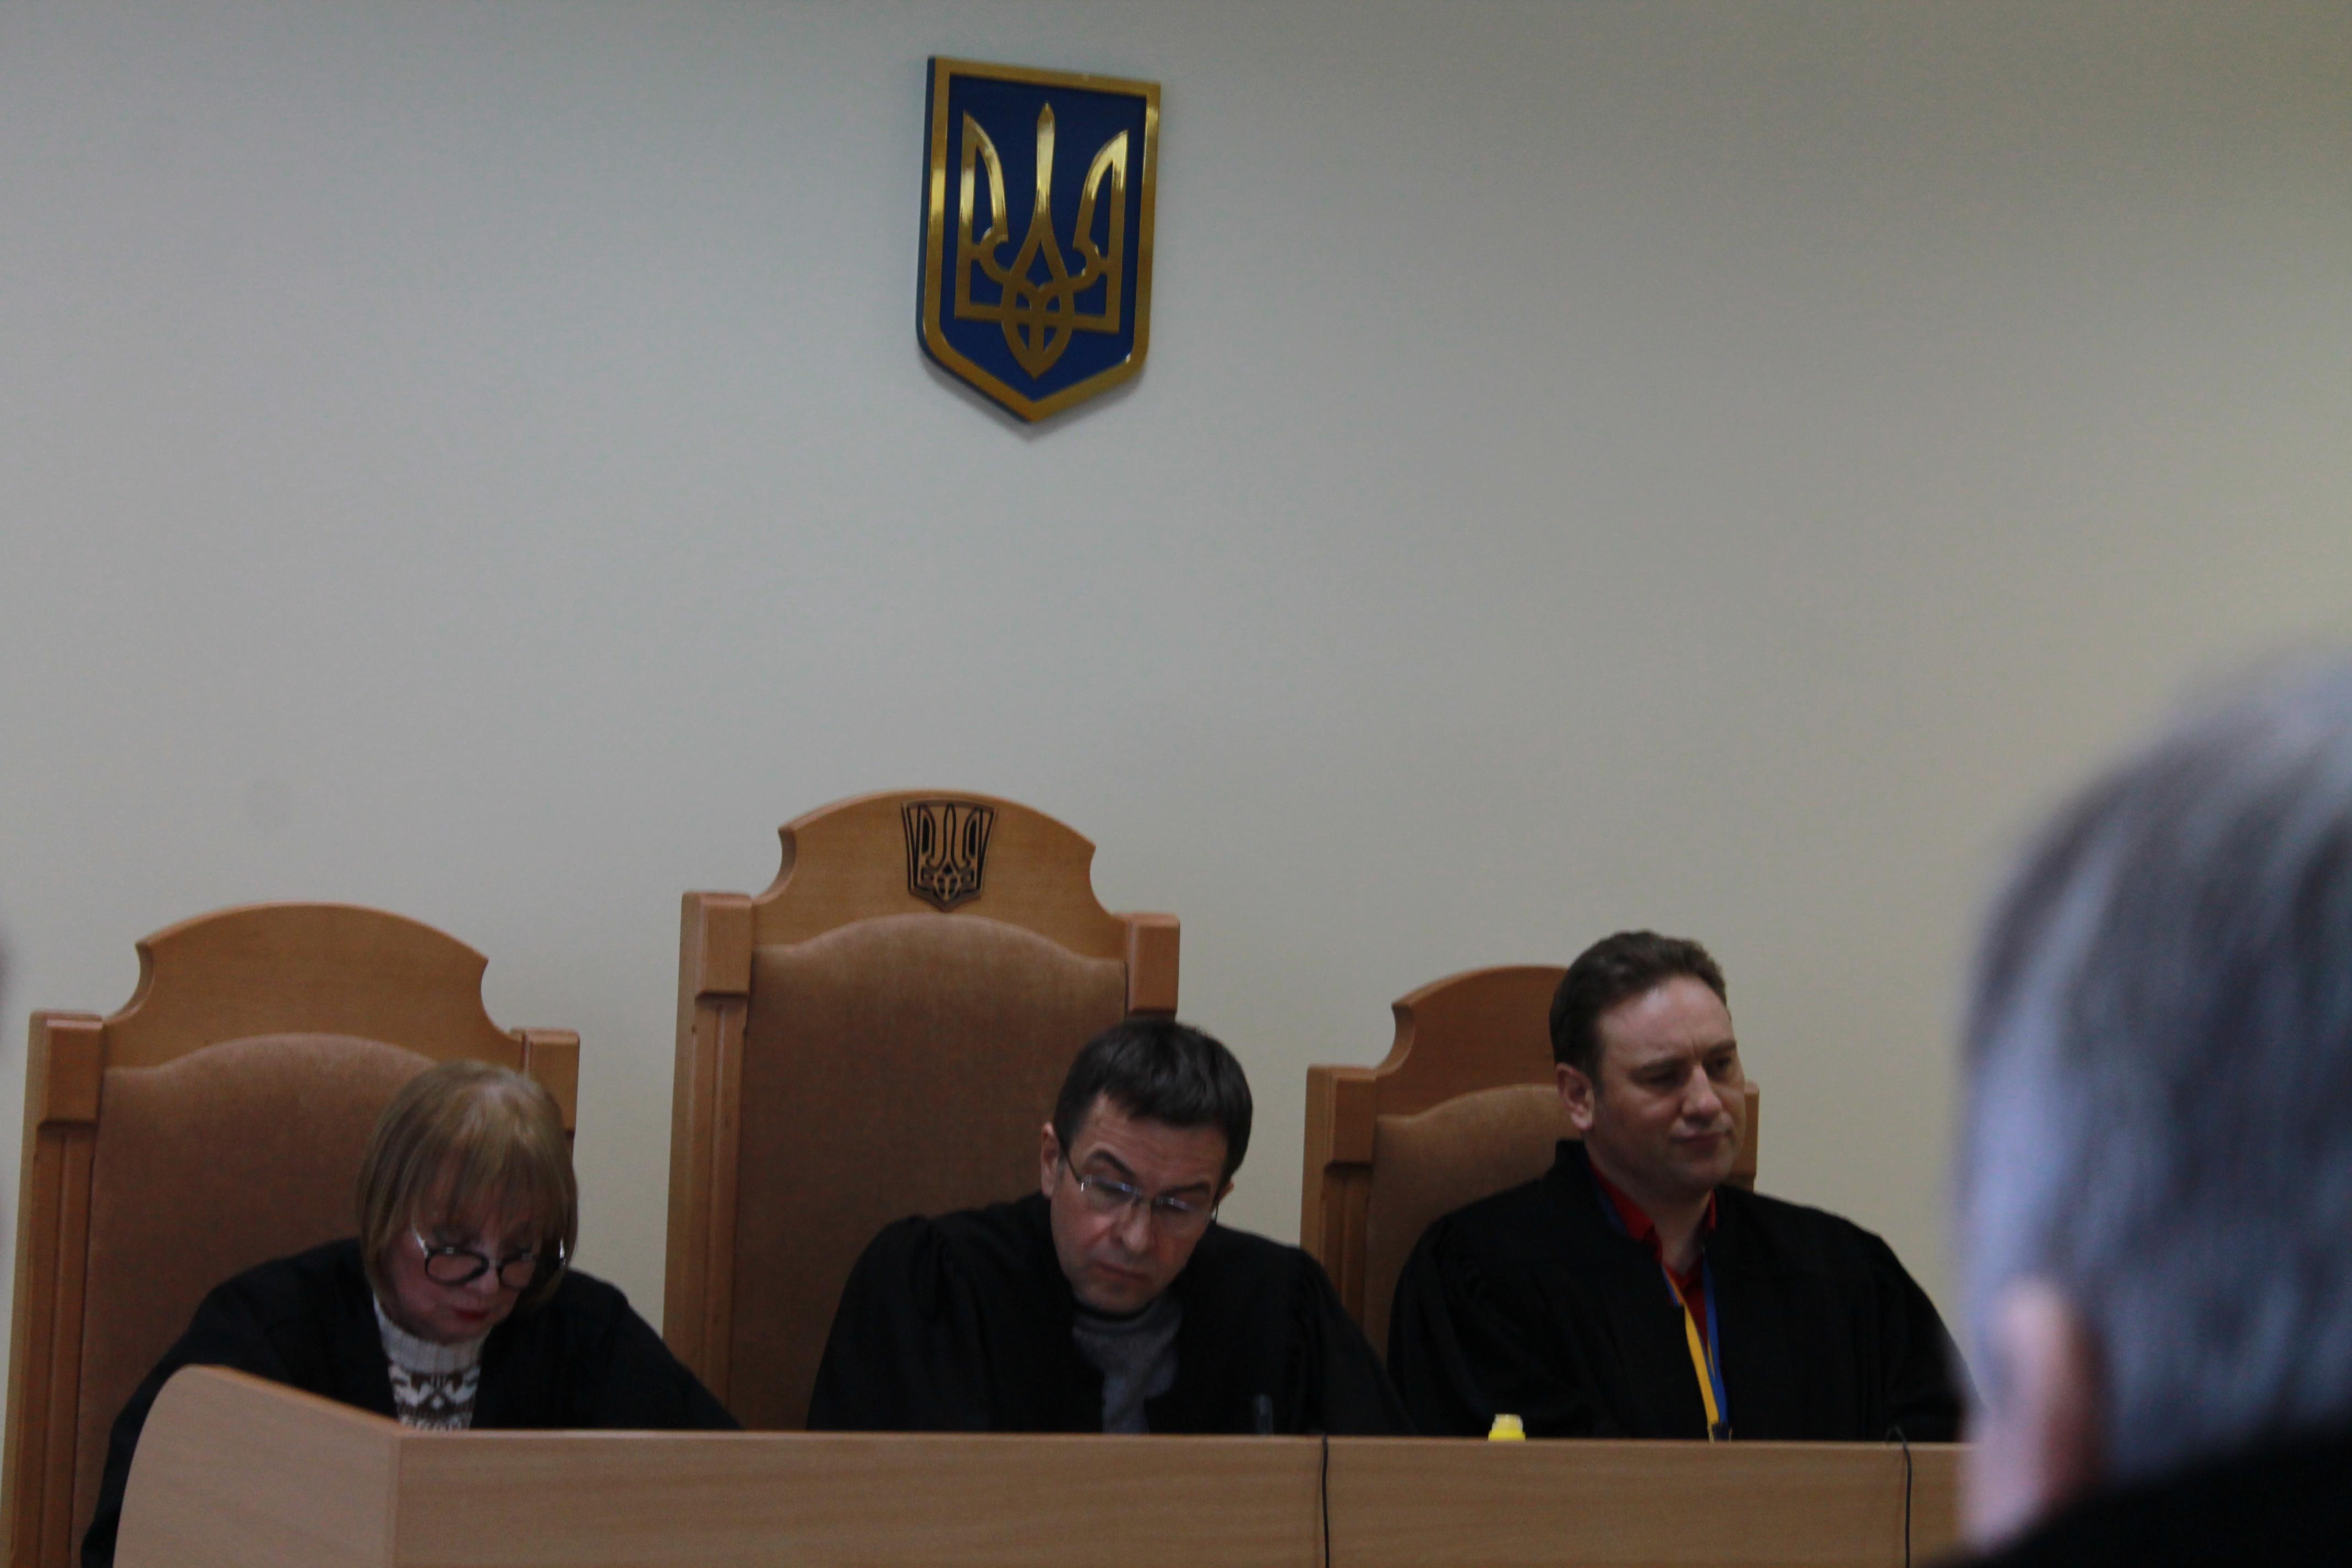 В Киеве общество рыболовов и охотников отвоевало землю и имущество у захватчиков базы «Козинка» (ФОТО, ВИДЕО)